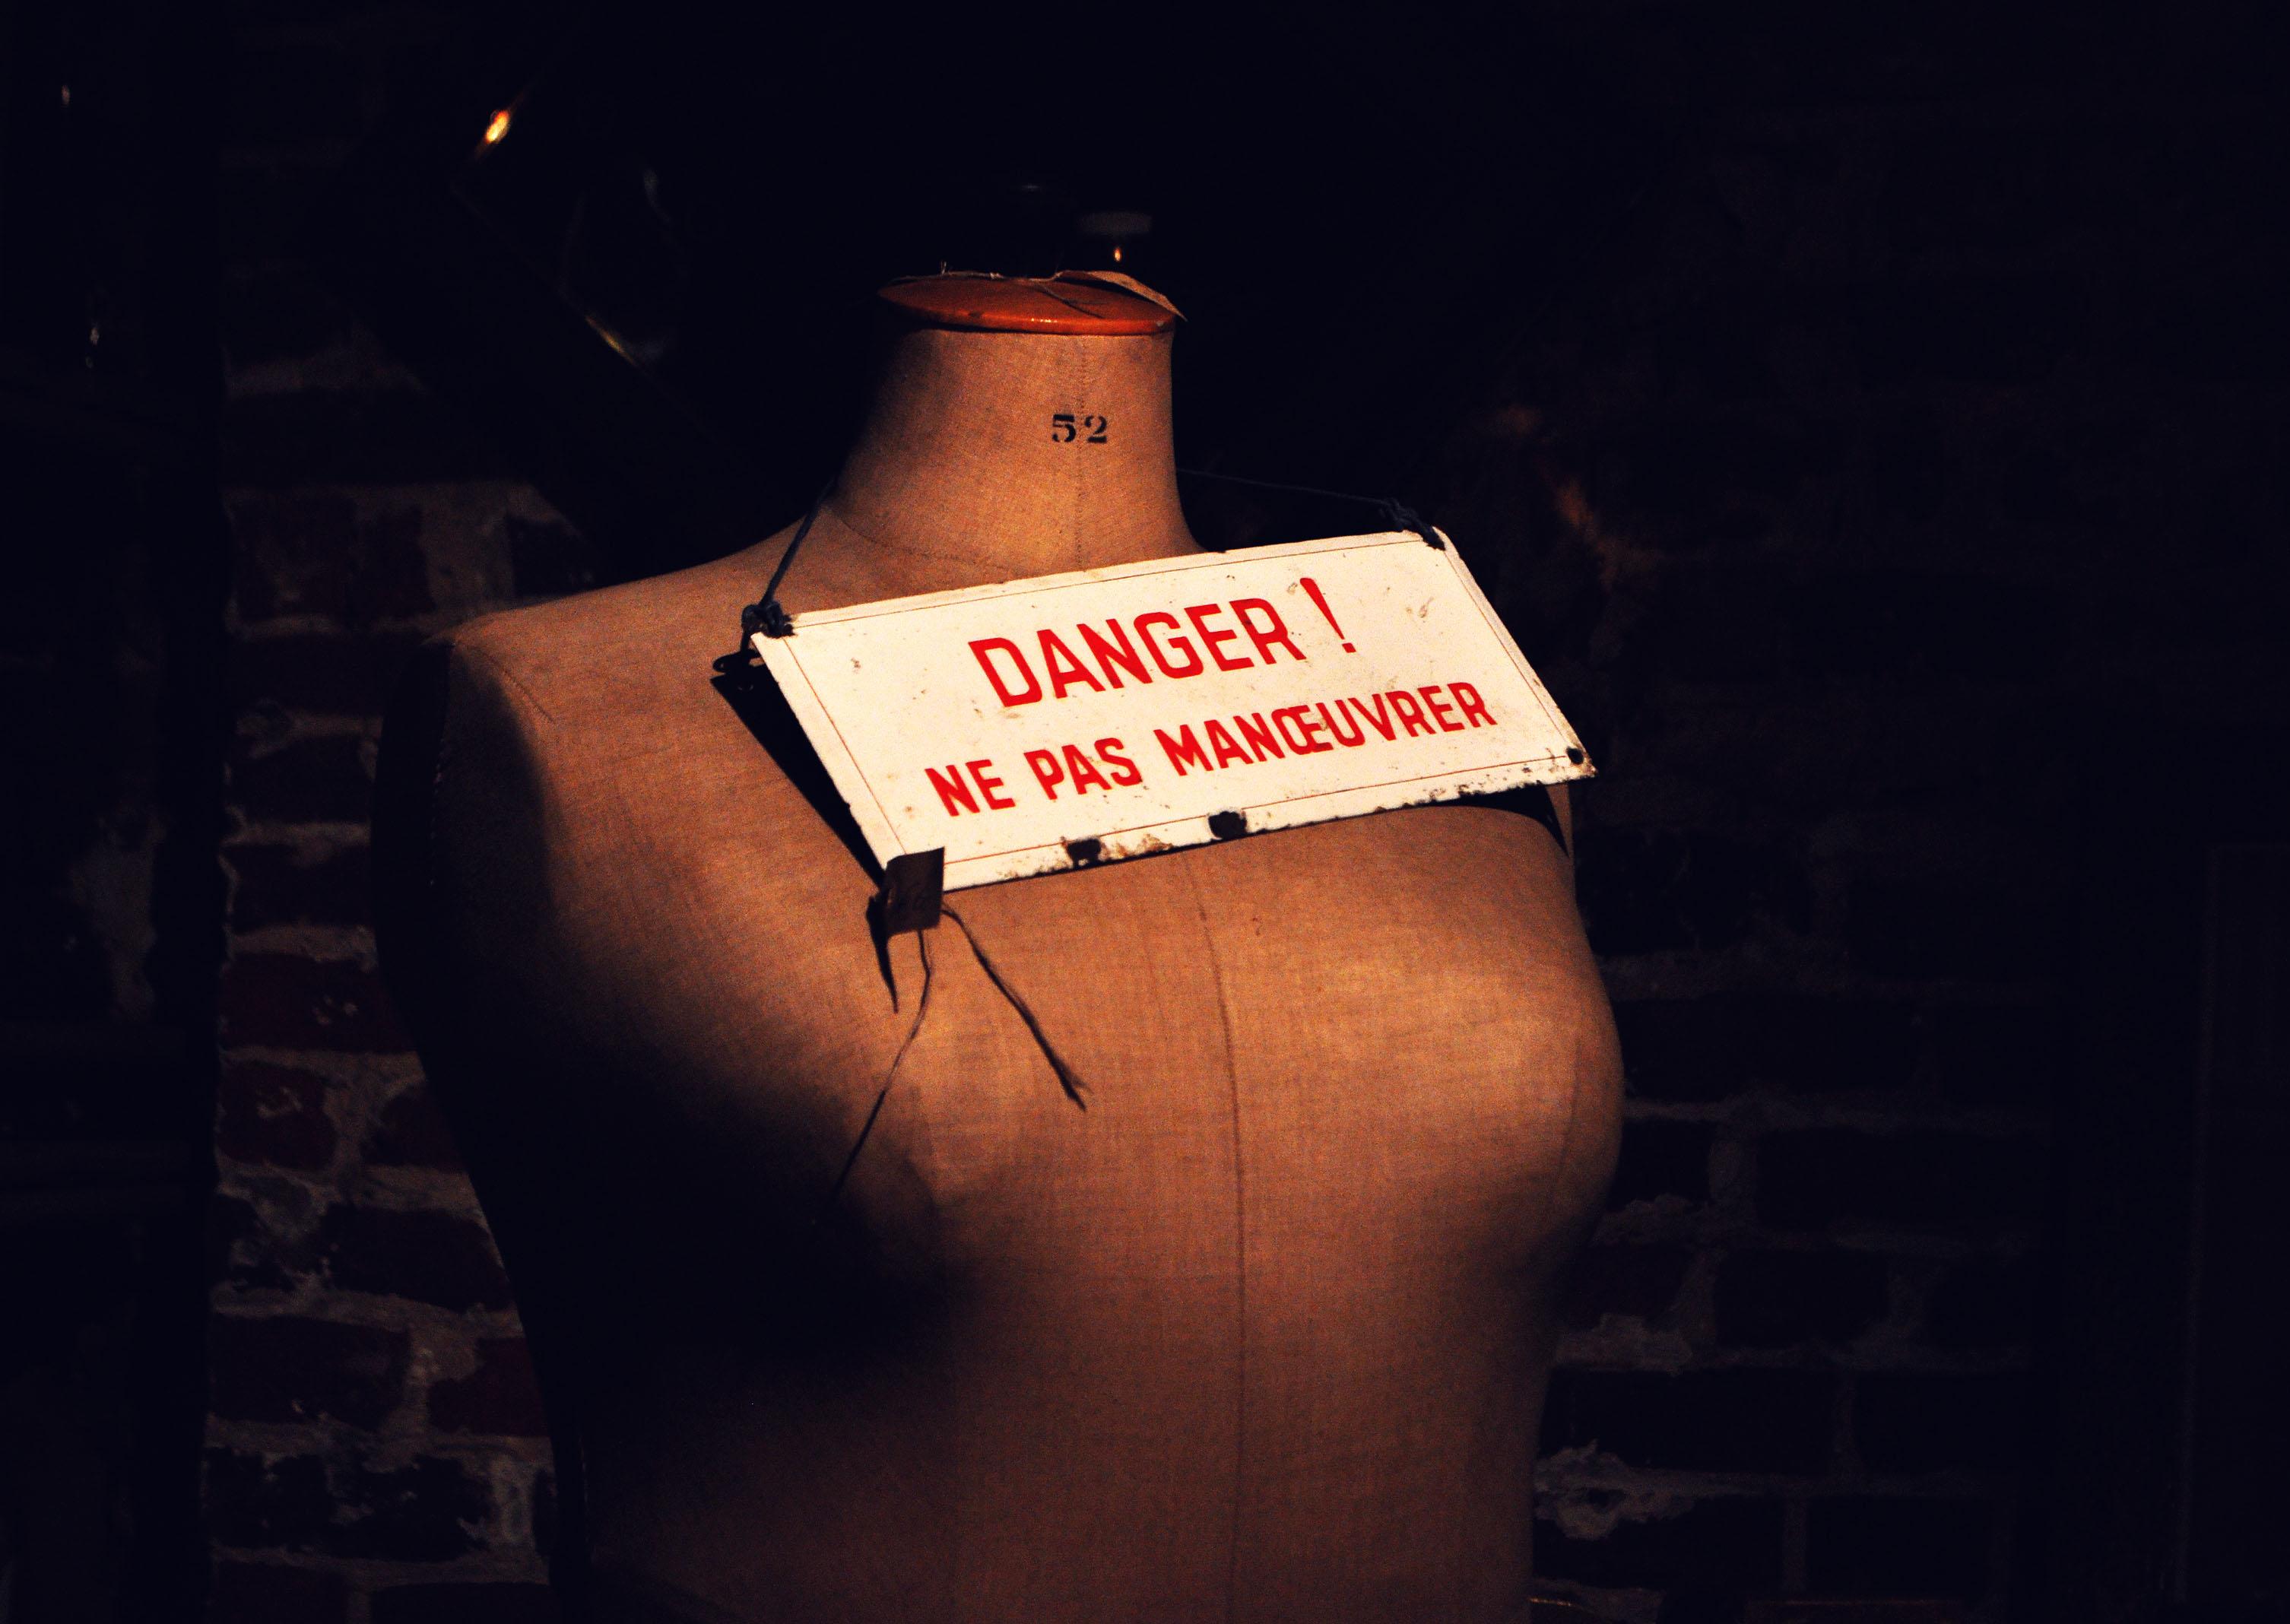 brussels-05-danger-ne-pas-manoeuvrer